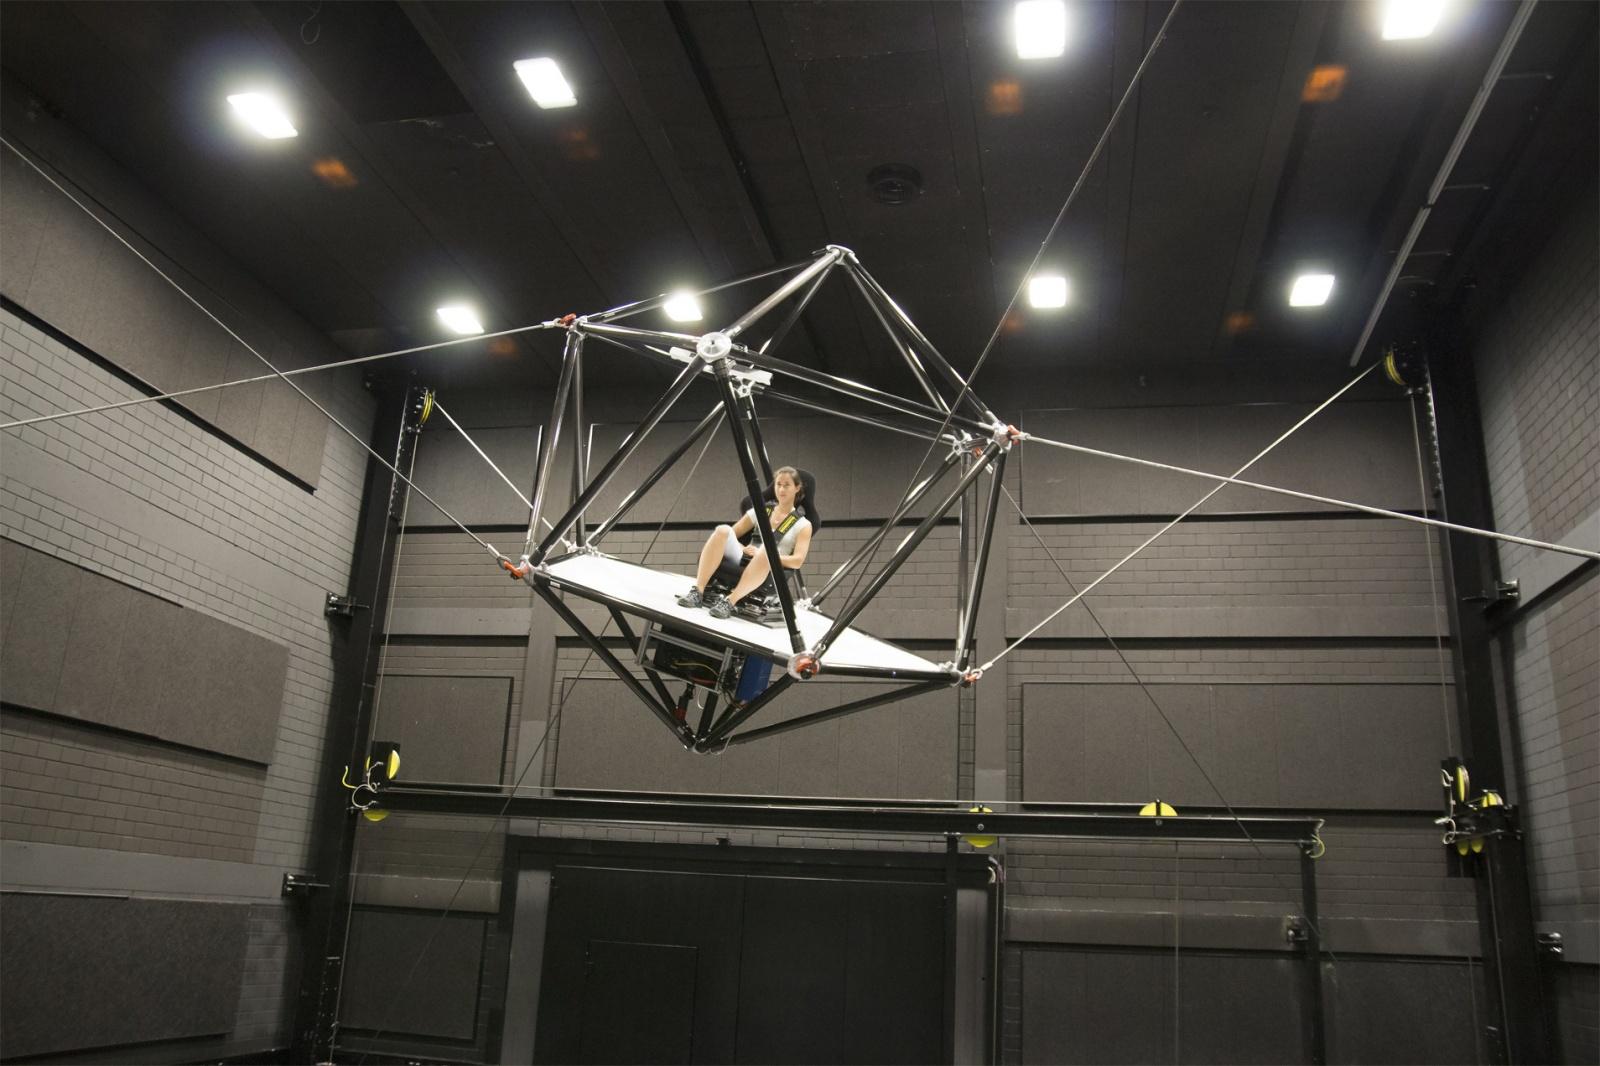 Улётный симулятор для виртуальной реальности от Общества Макса Планка - 2